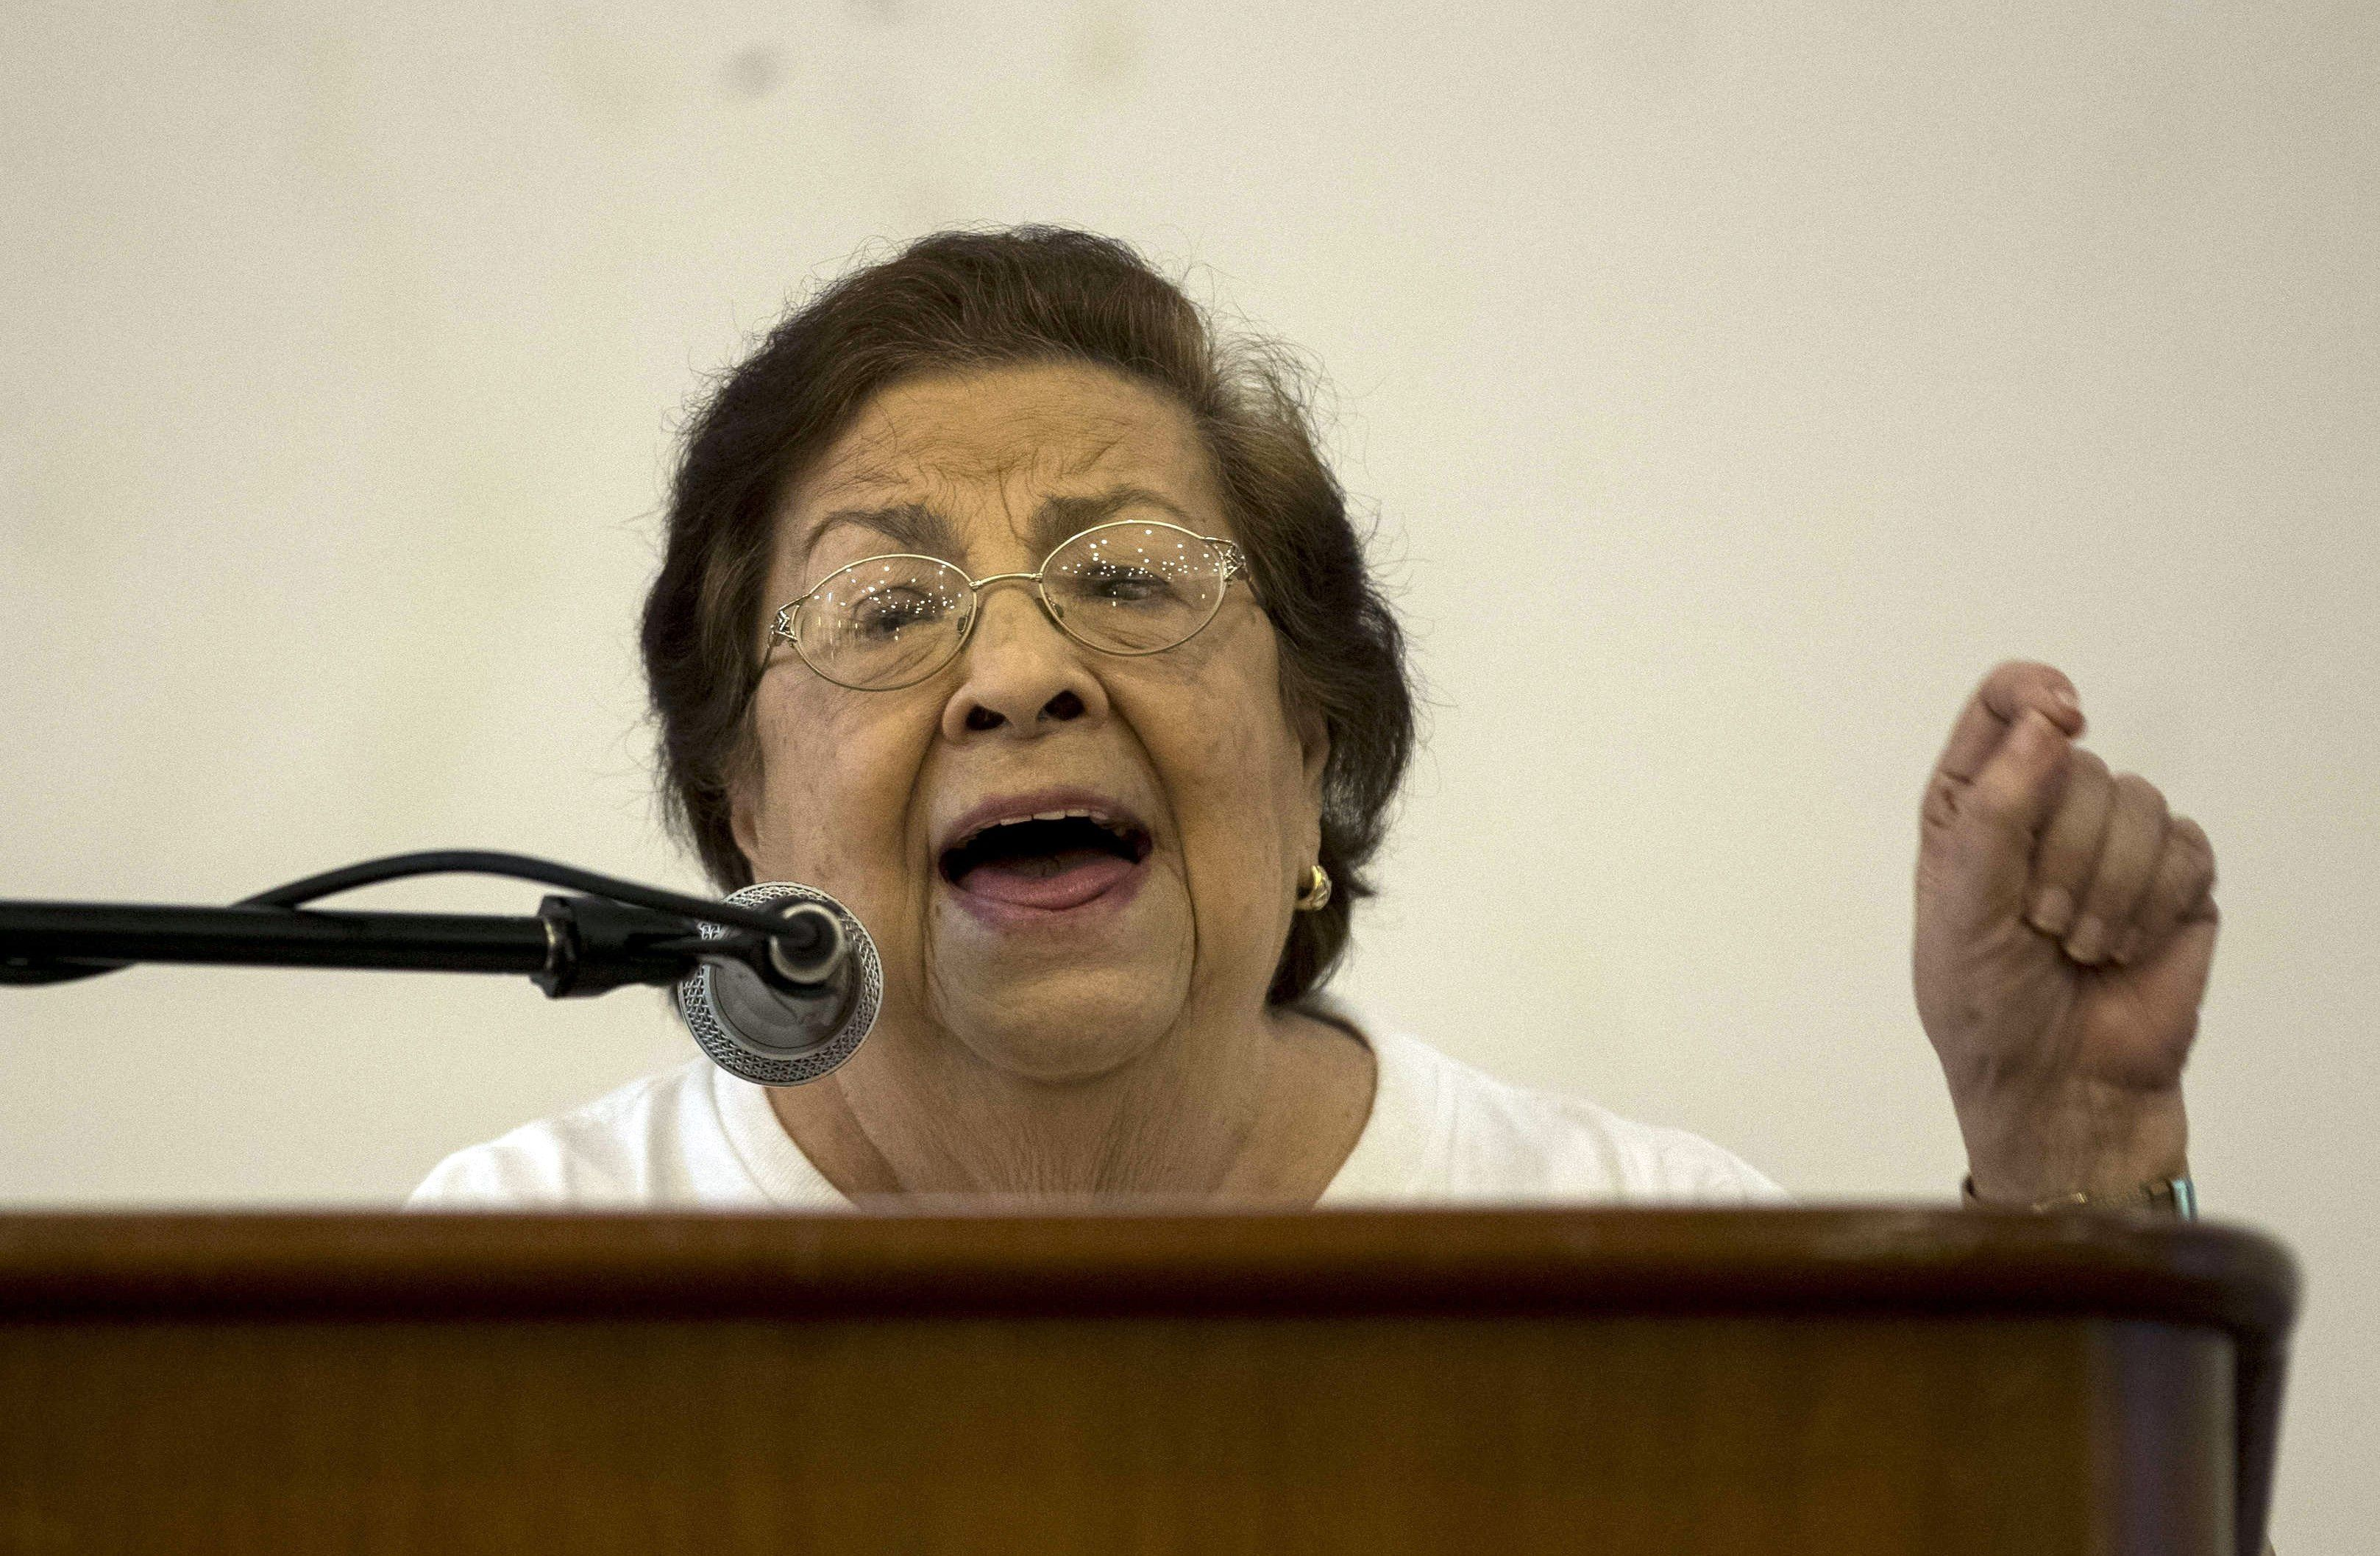 La presidenta del Centro Nicaragüense de Derechos Humanos (CENIDH), Vilma Núñez. EFE/Jorge Torres/Archivo